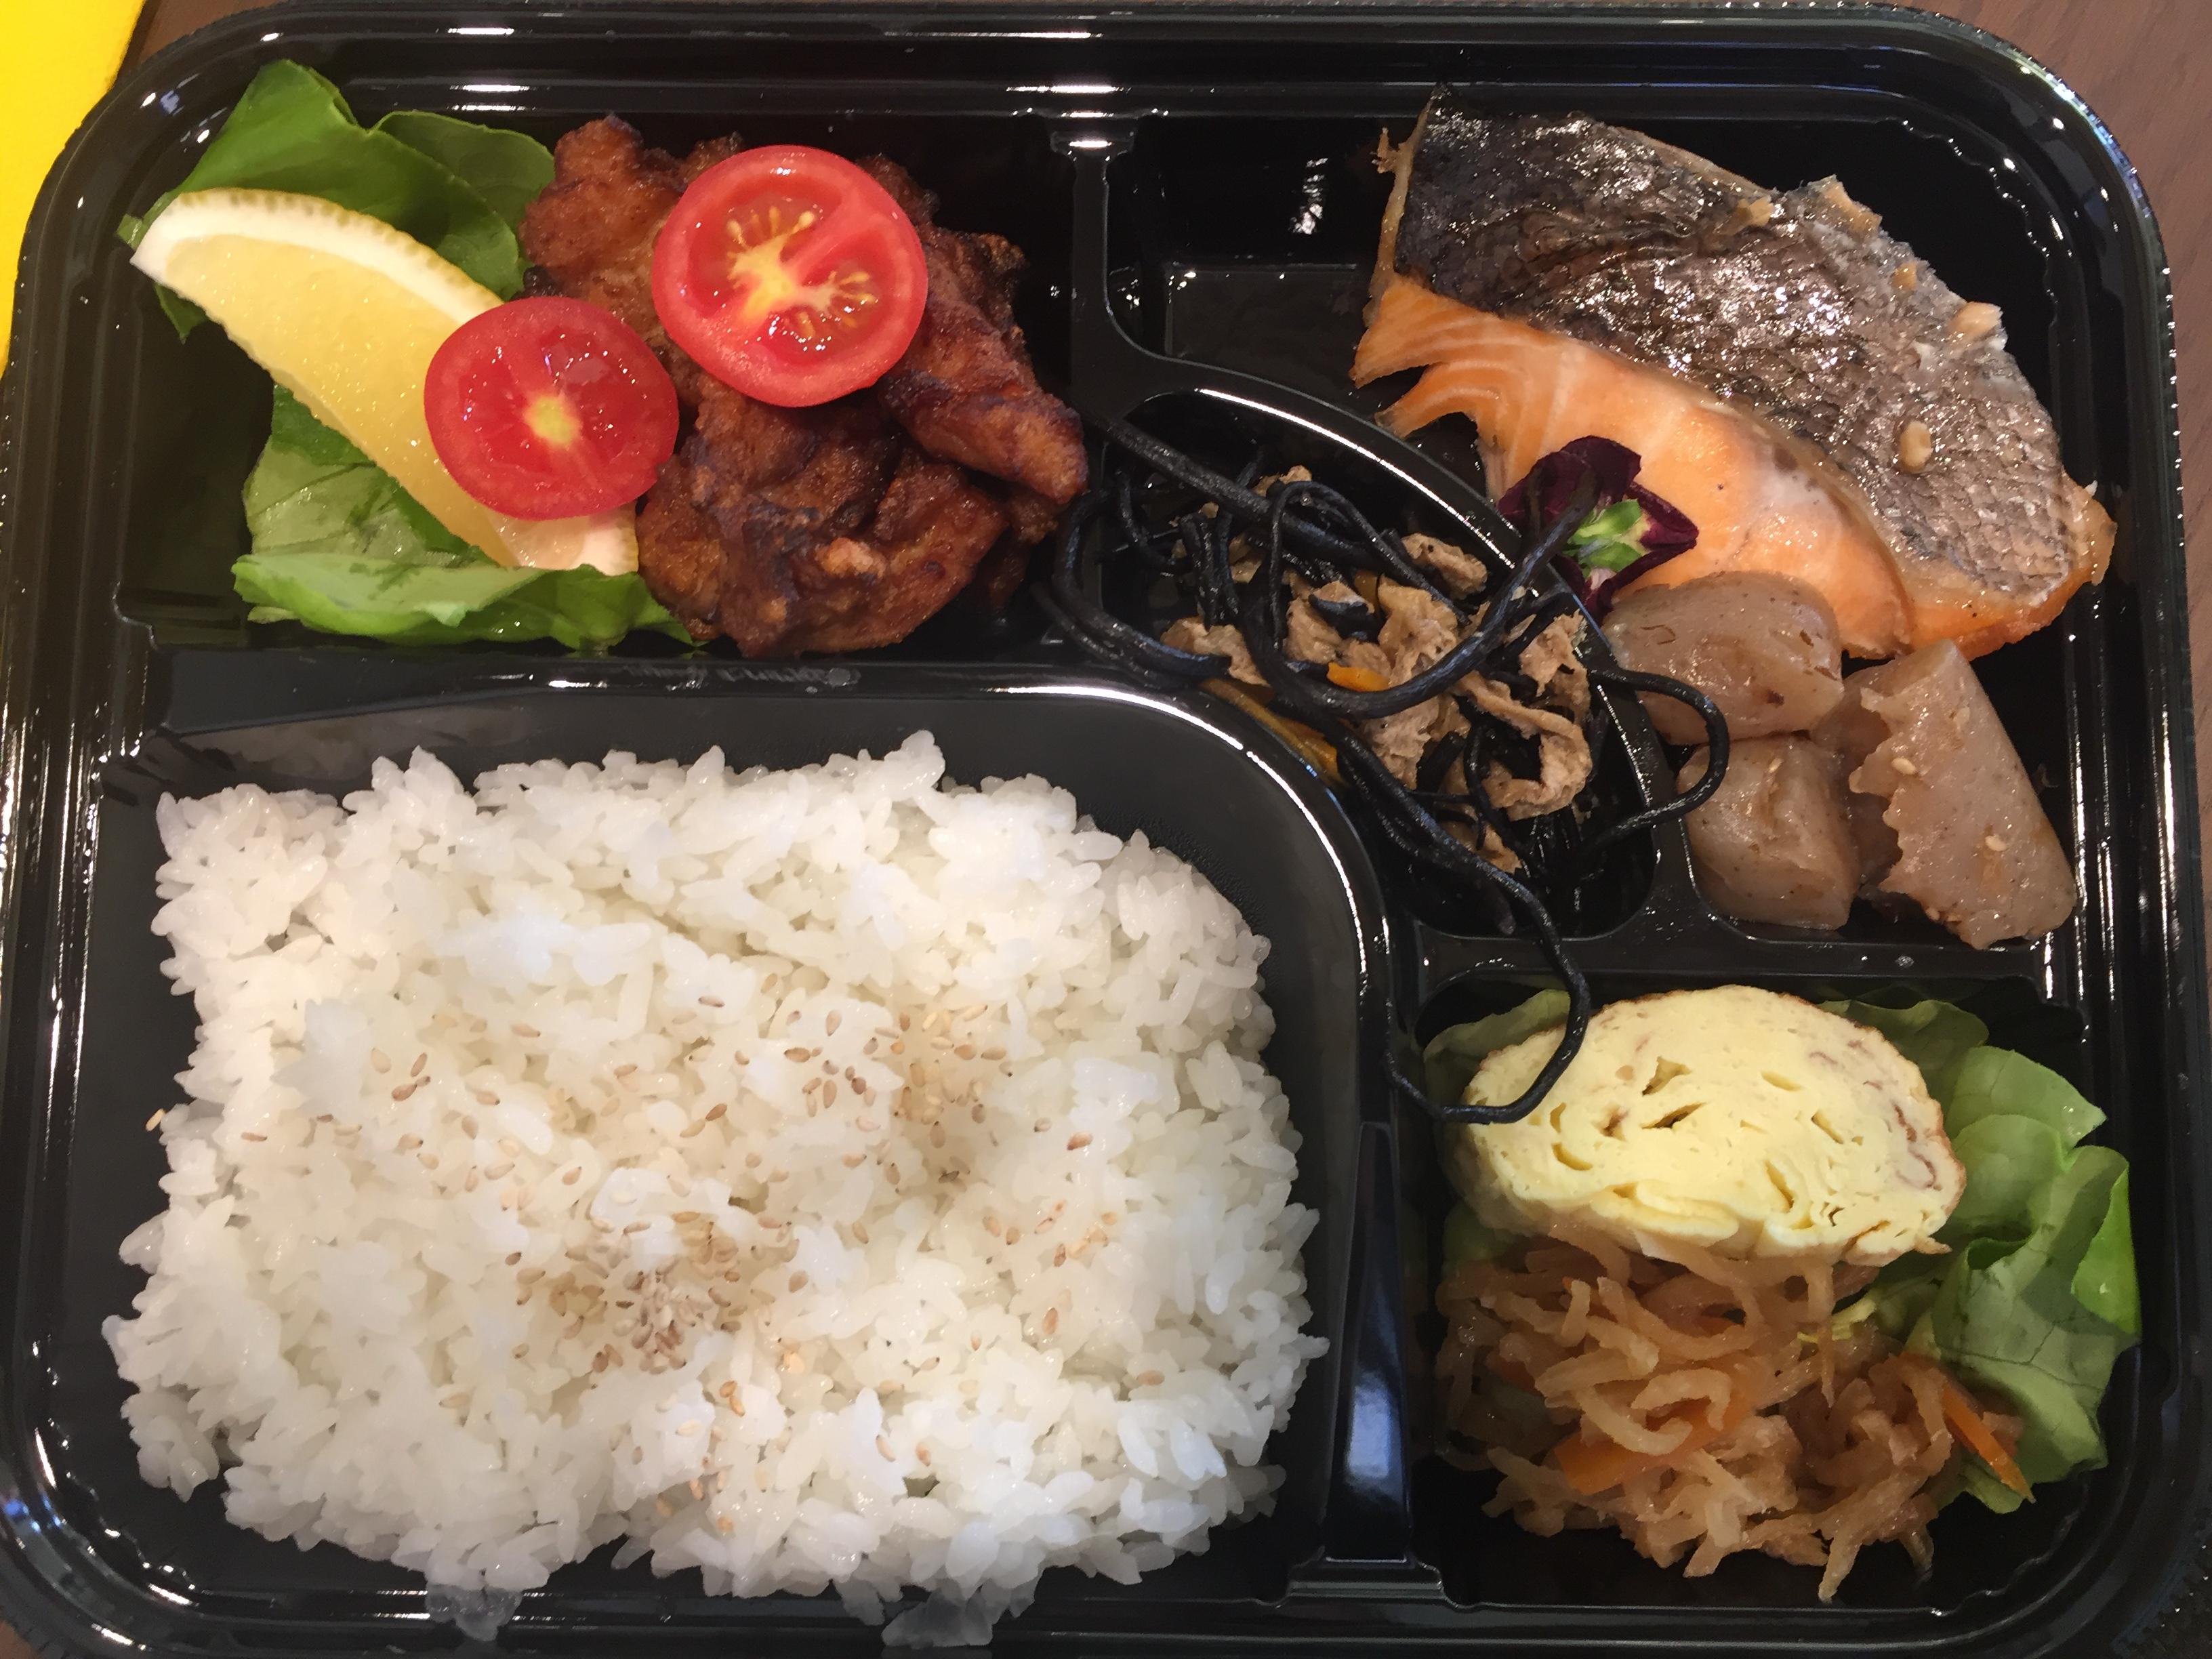 La bento box per il pranzo